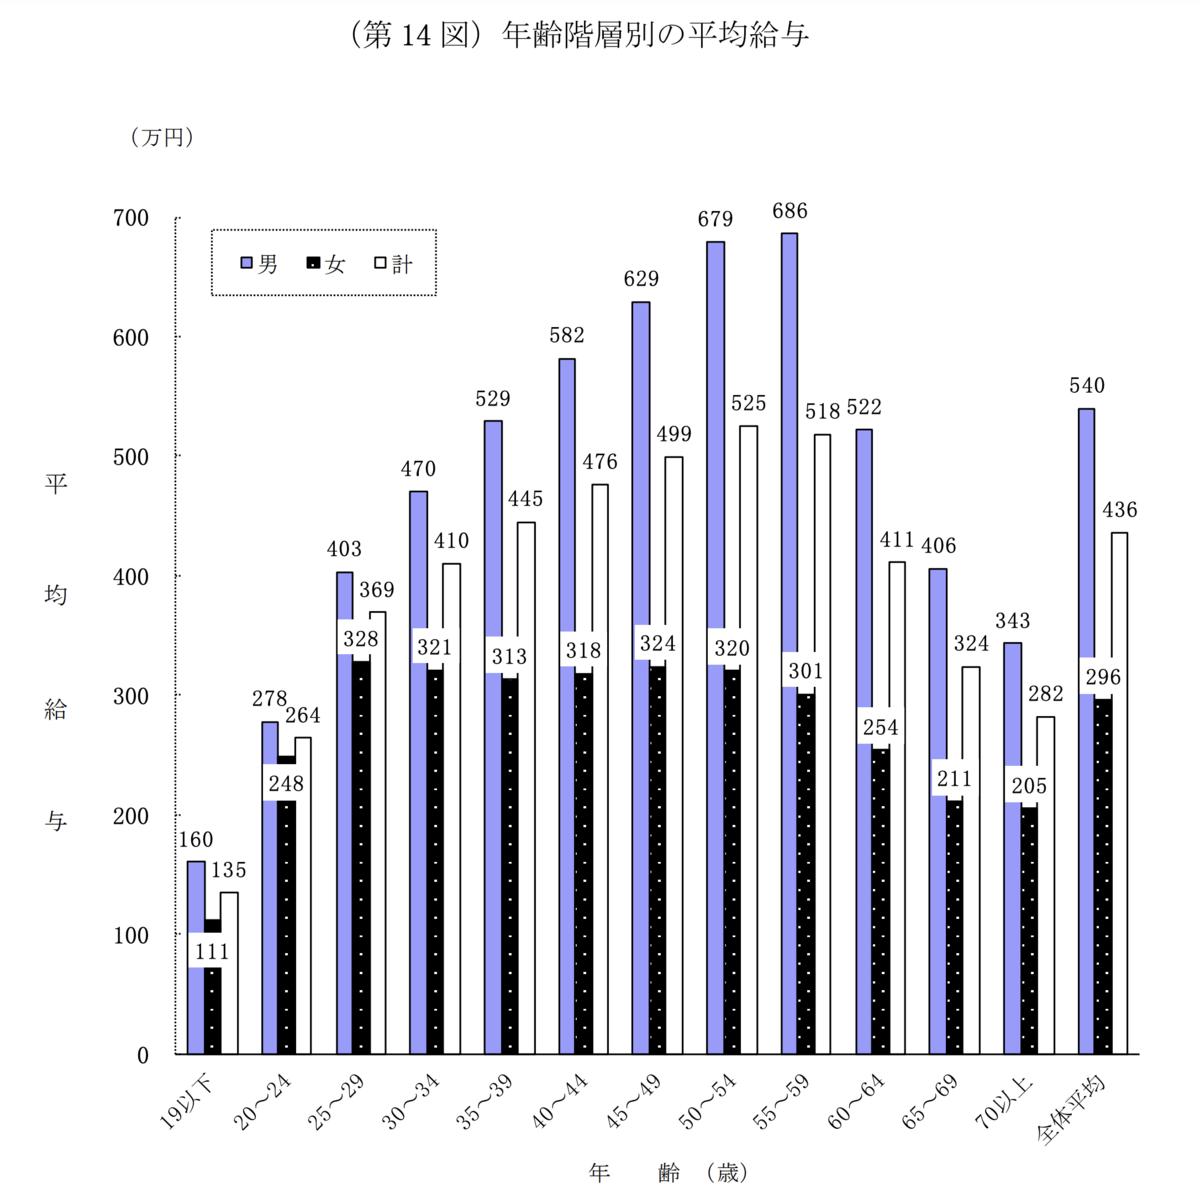 f:id:shigeru-i:20210109153334p:plain